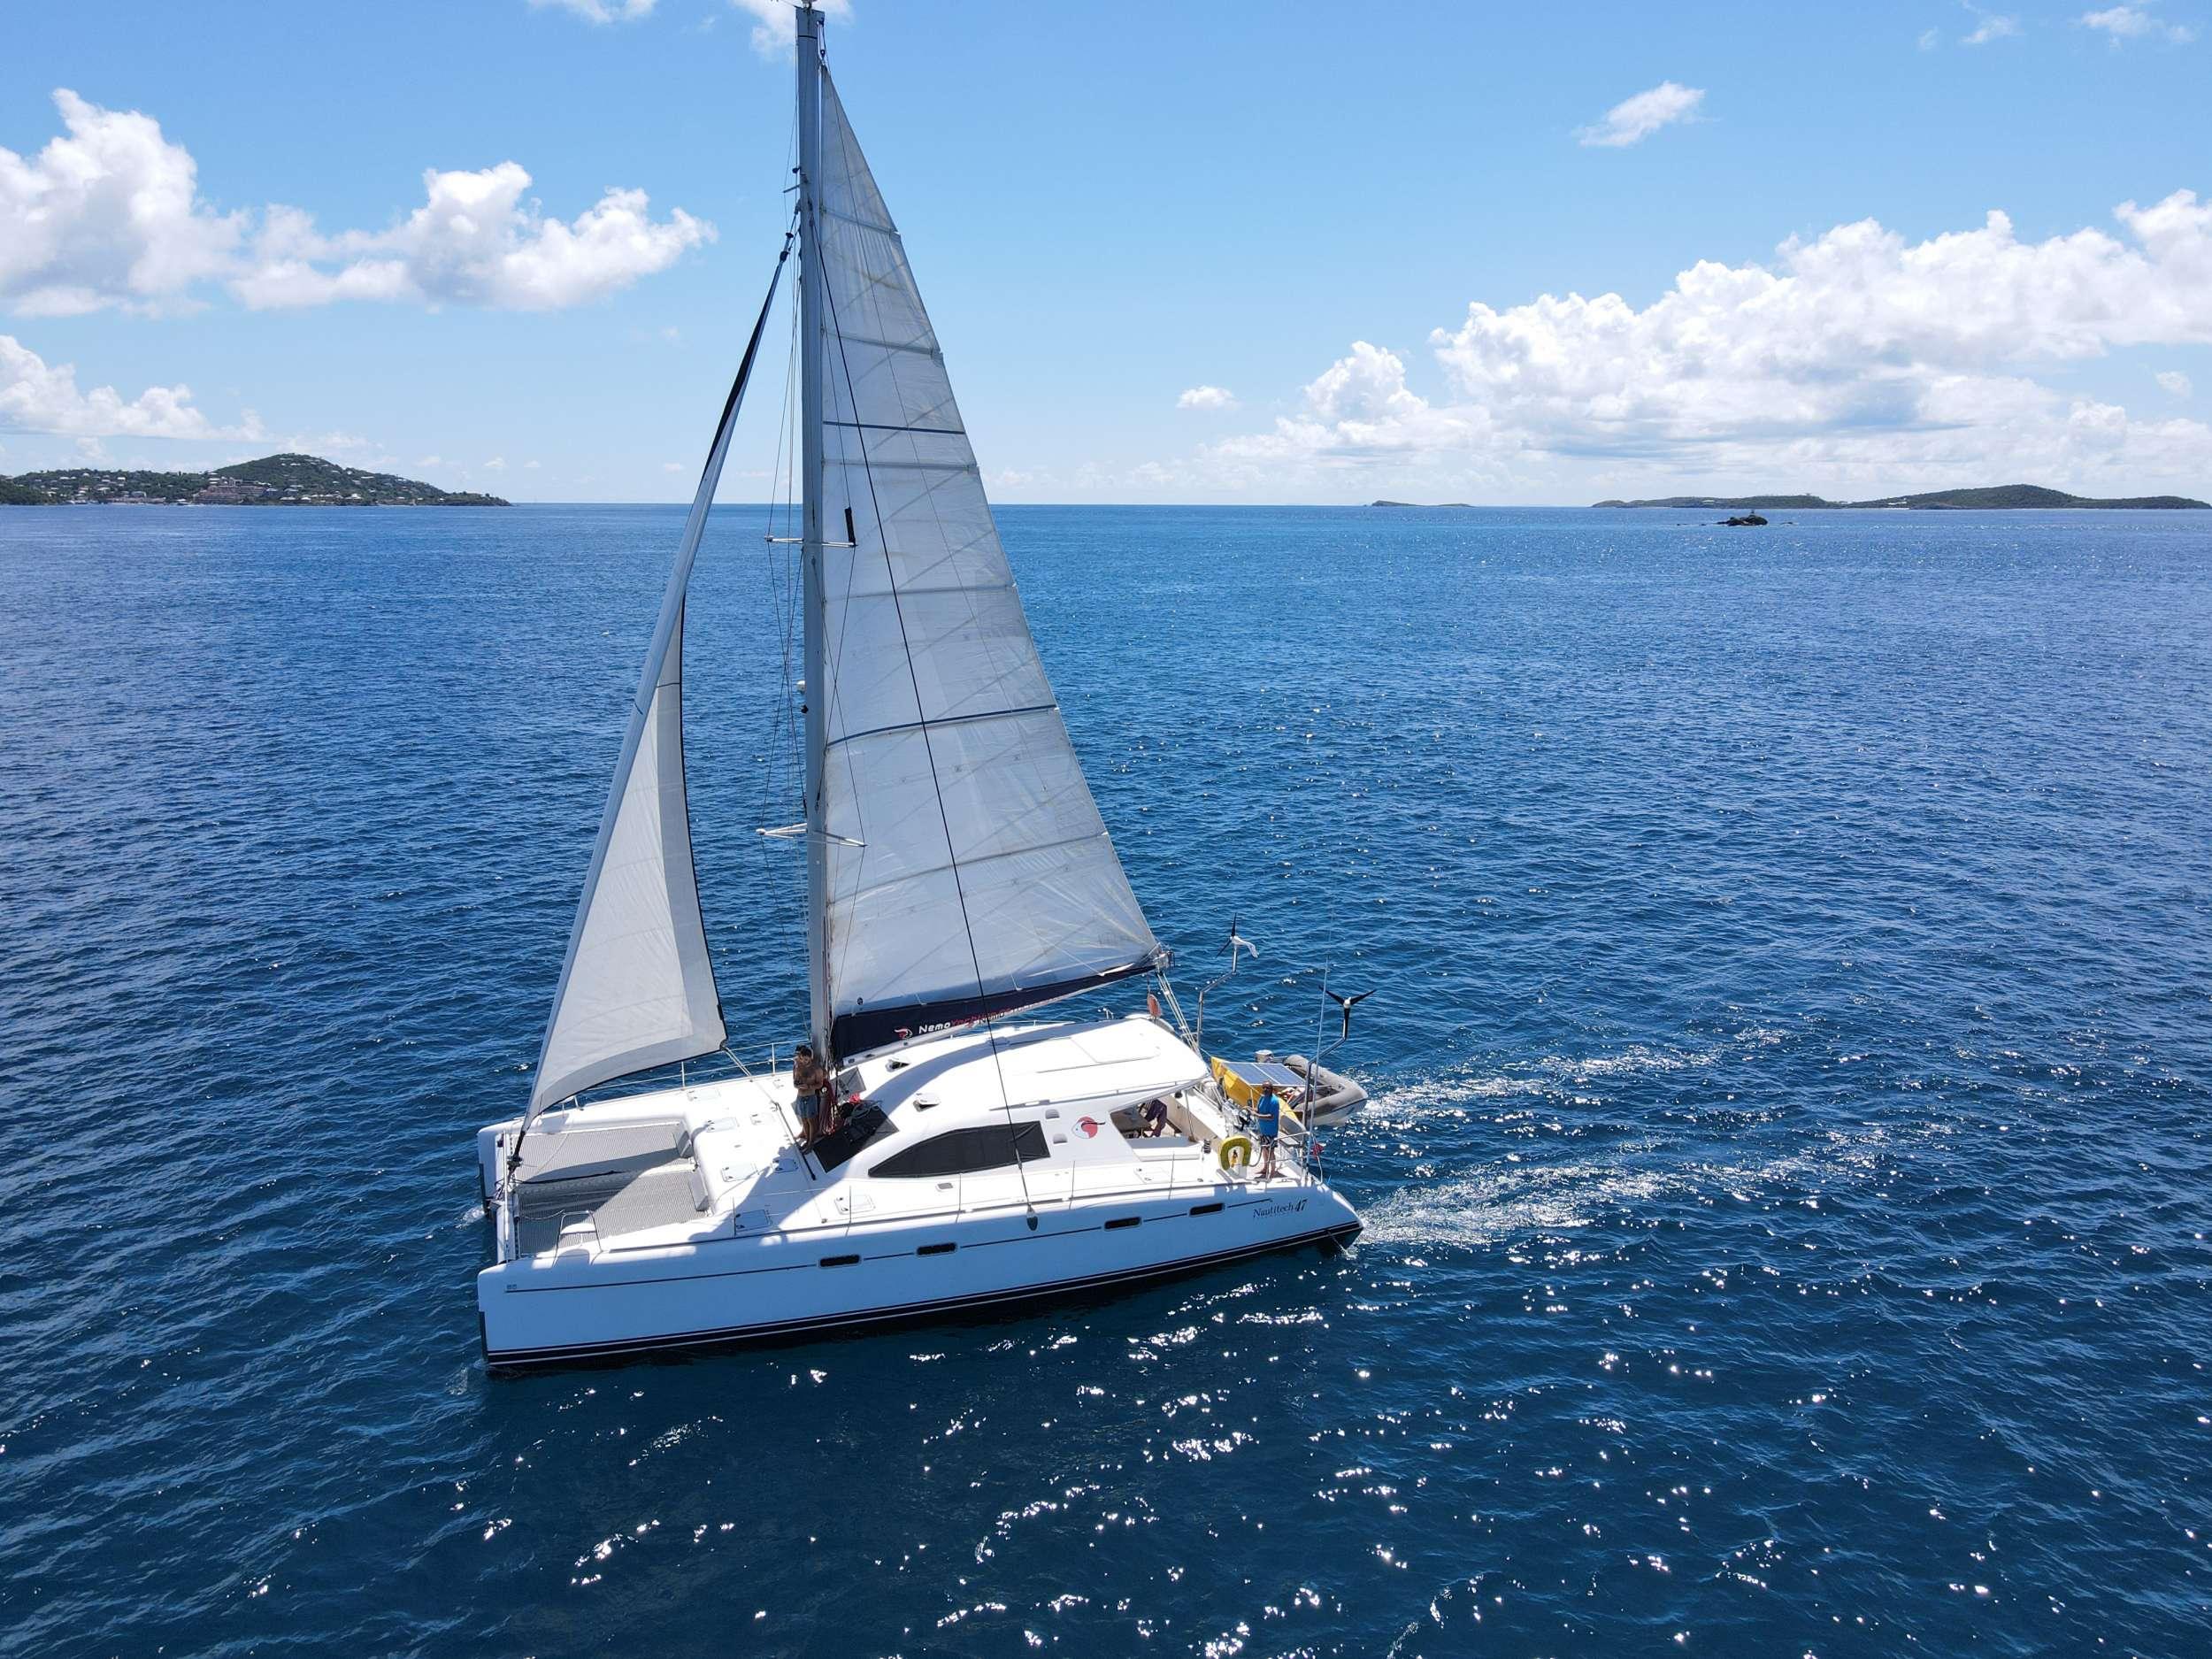 Main image of NEMO yacht